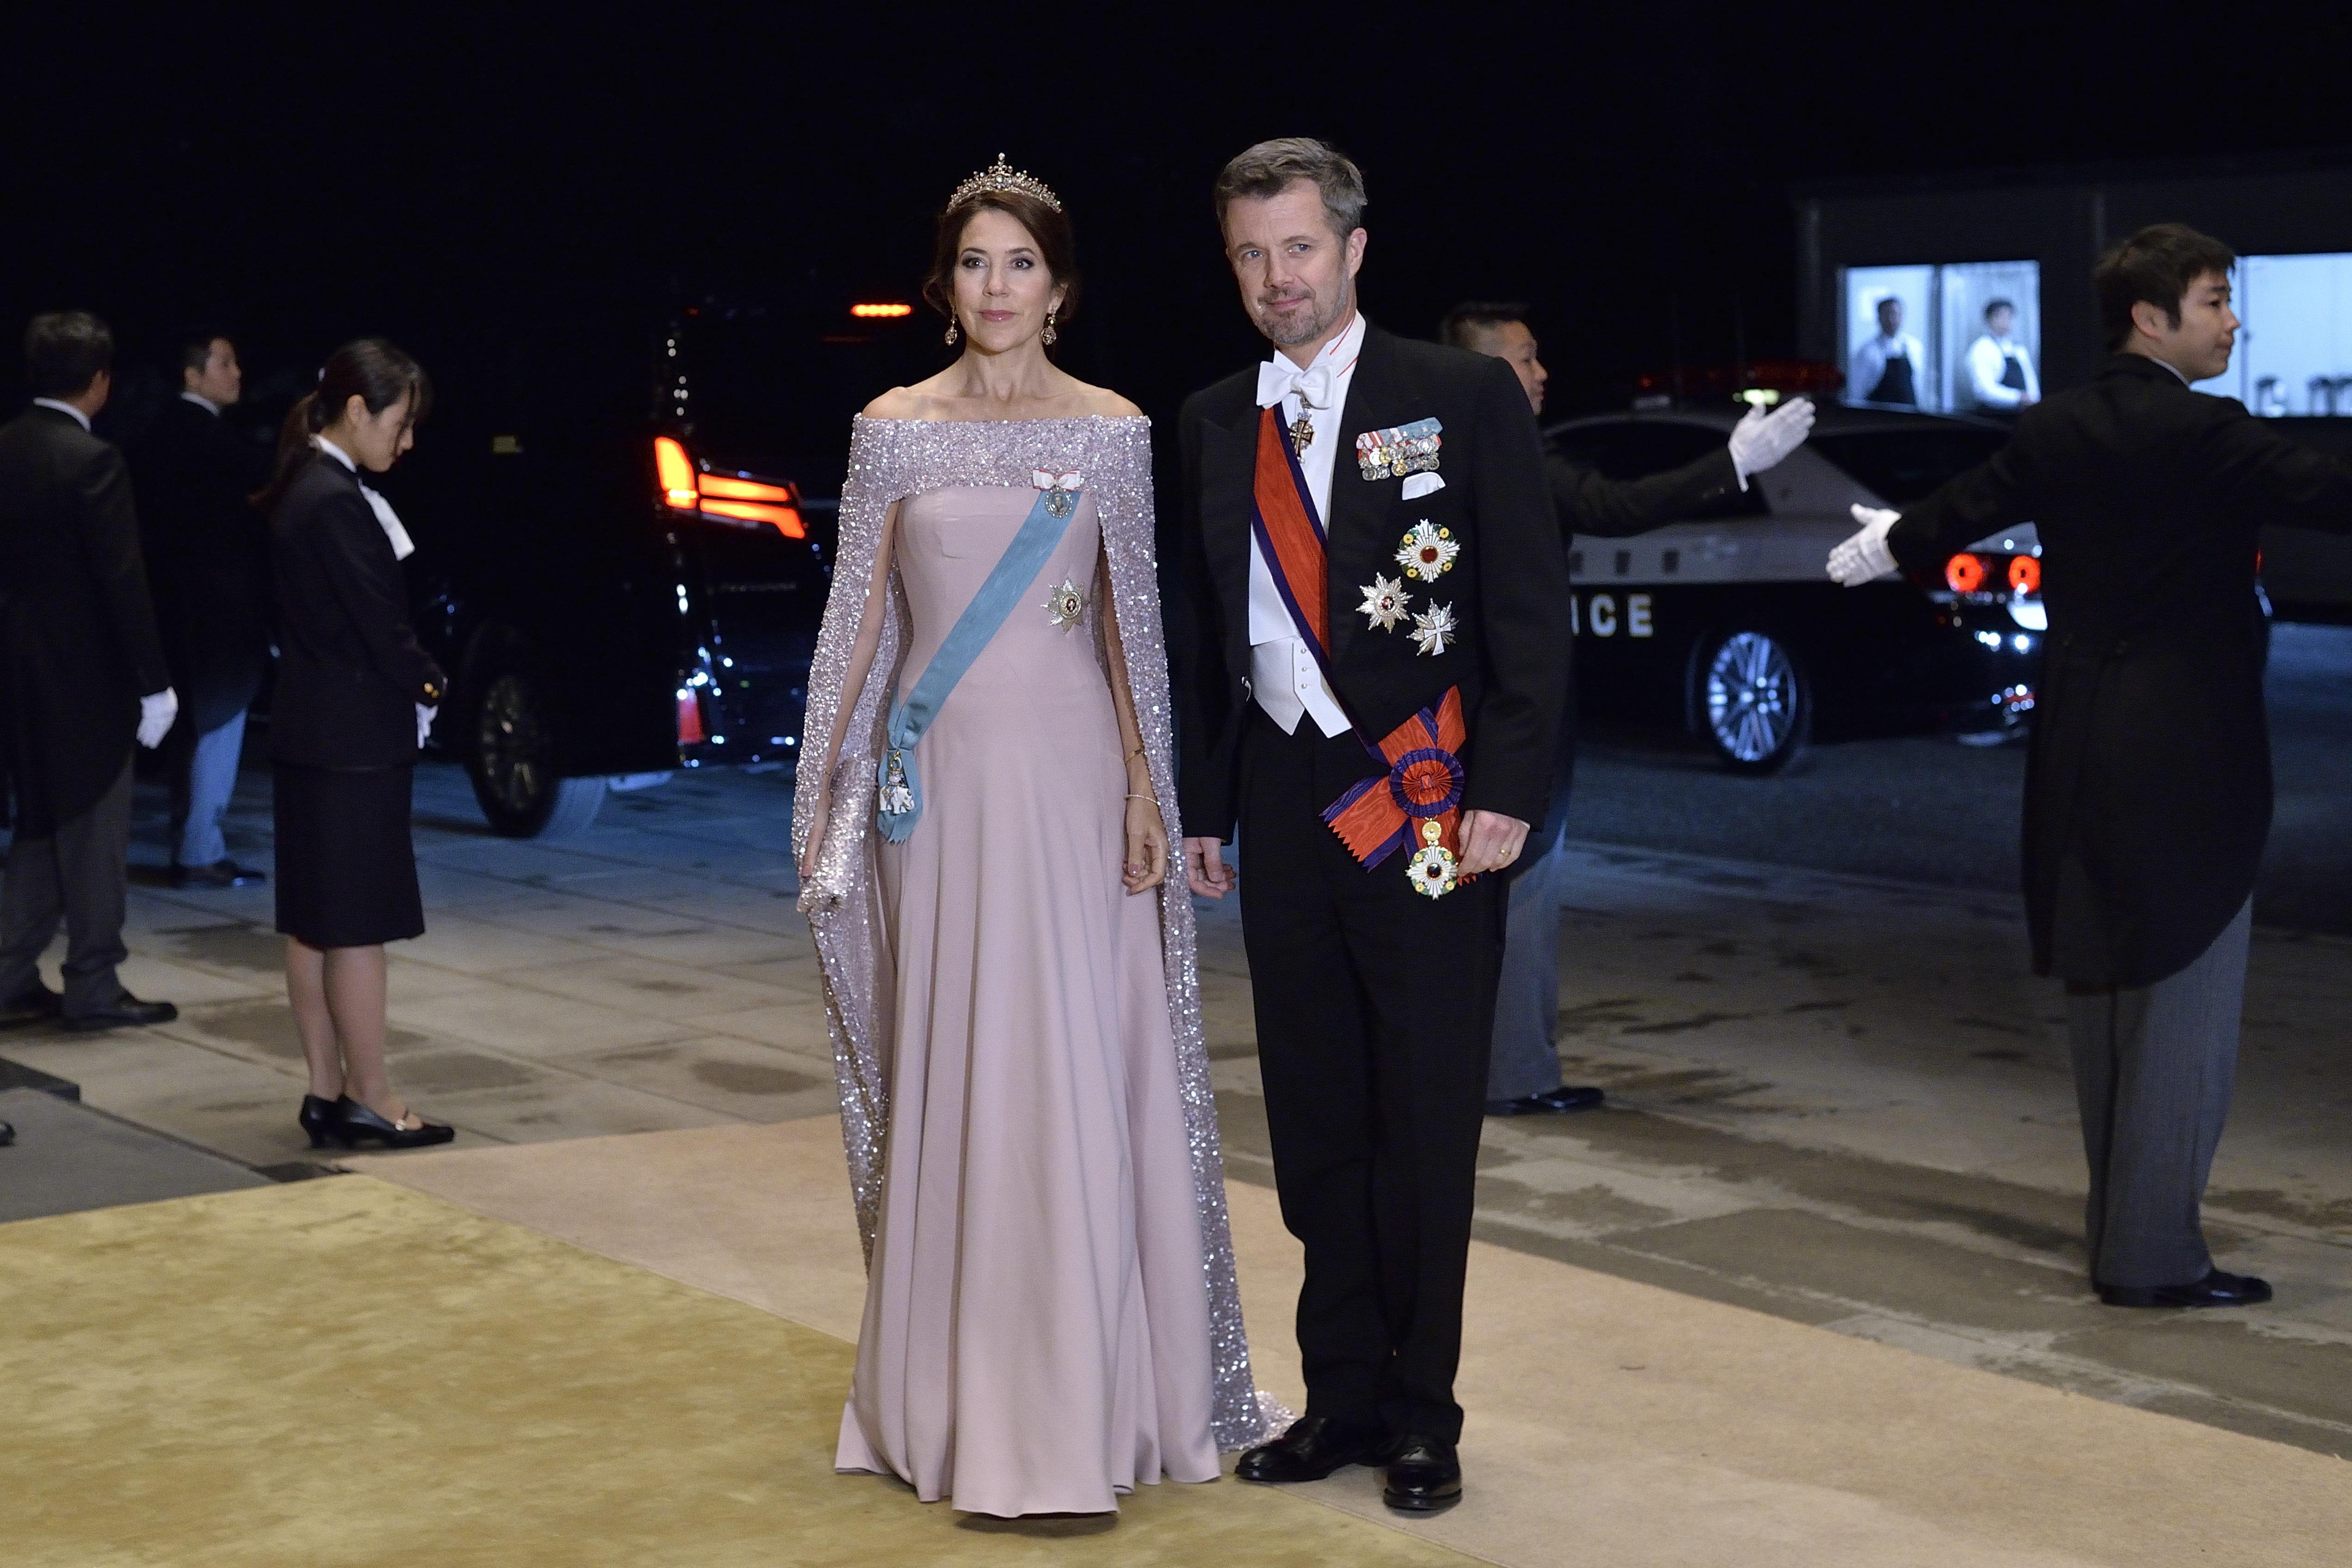 Royals aus Dänemark: Kronprinzessin Mary und Kronprinz Frederik